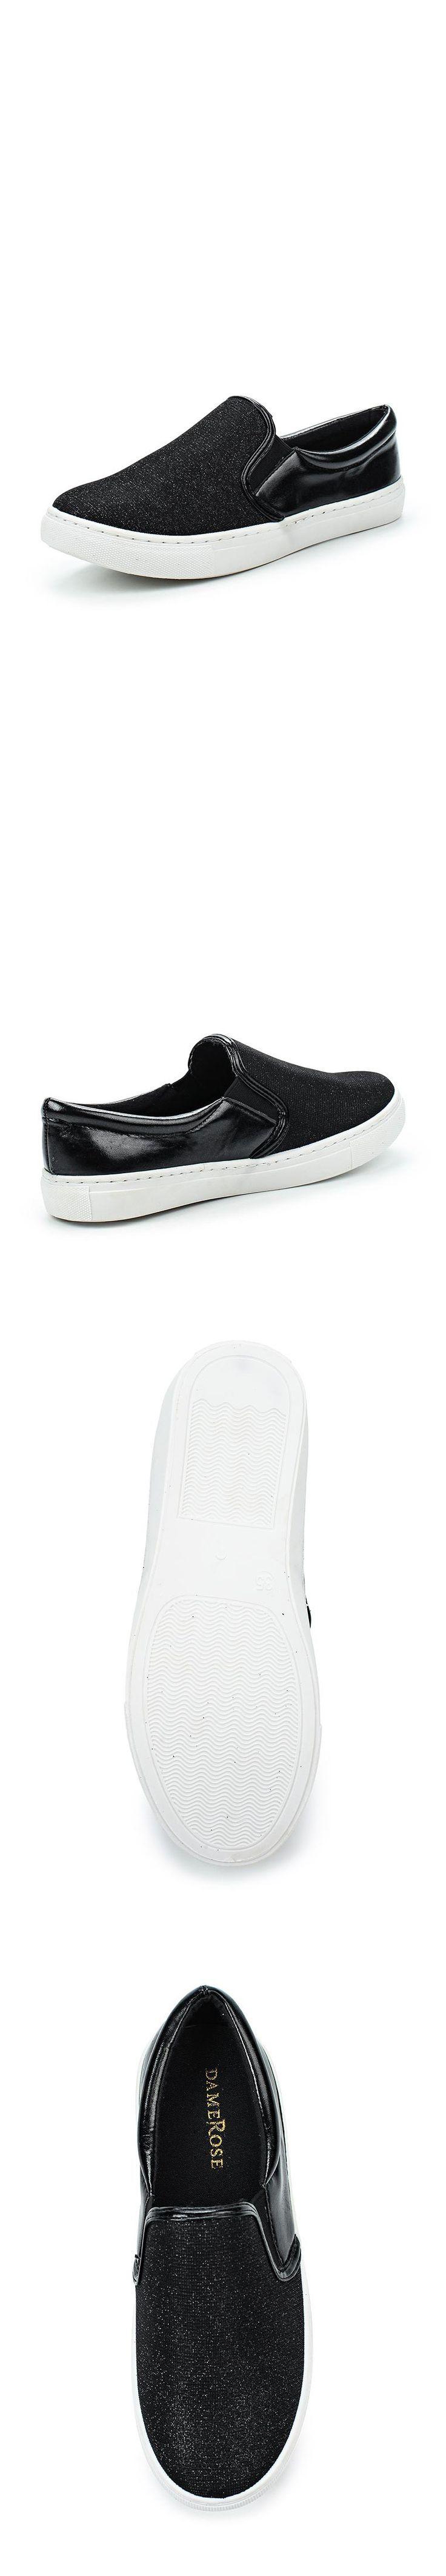 Женская обувь слипоны Damerose за 1950.00 руб.